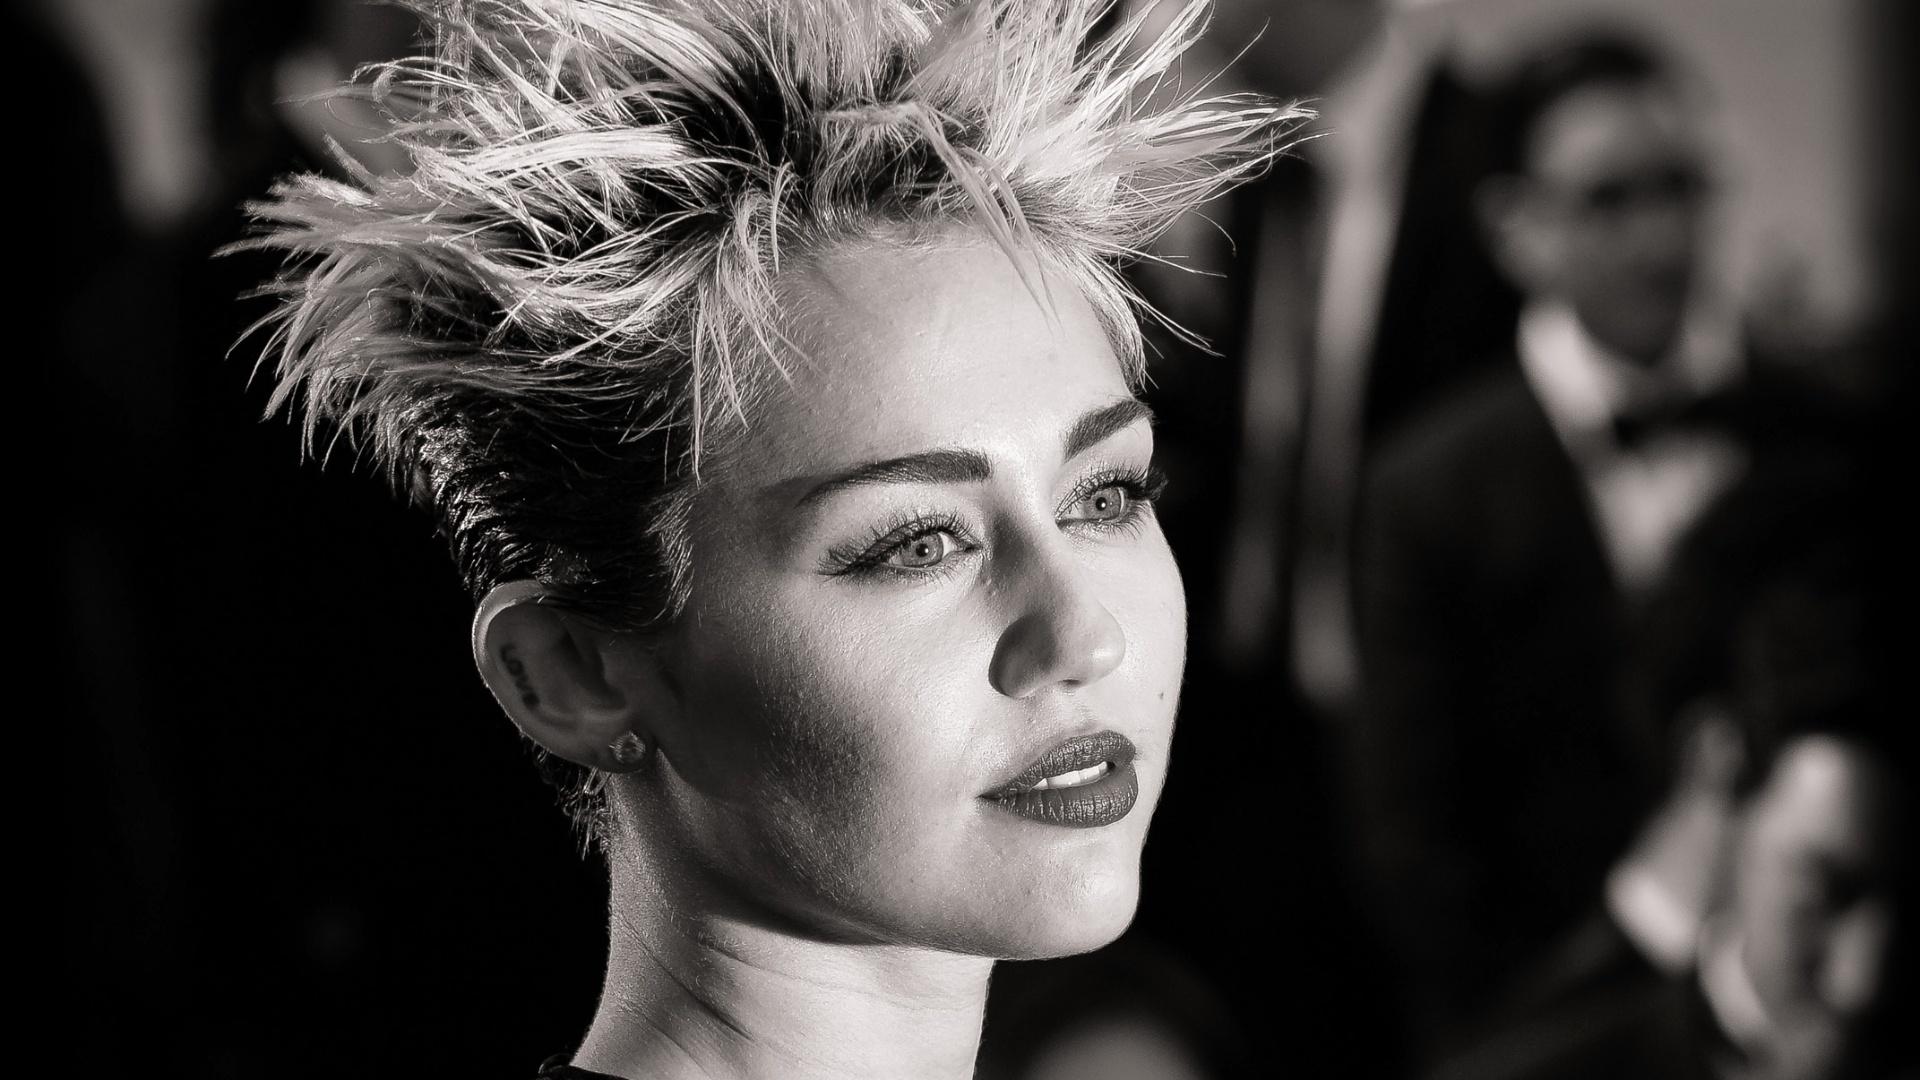 6.mai.2013 - Miley Cyrus no tapete vermelho do baile de gala do MET, em Nova York